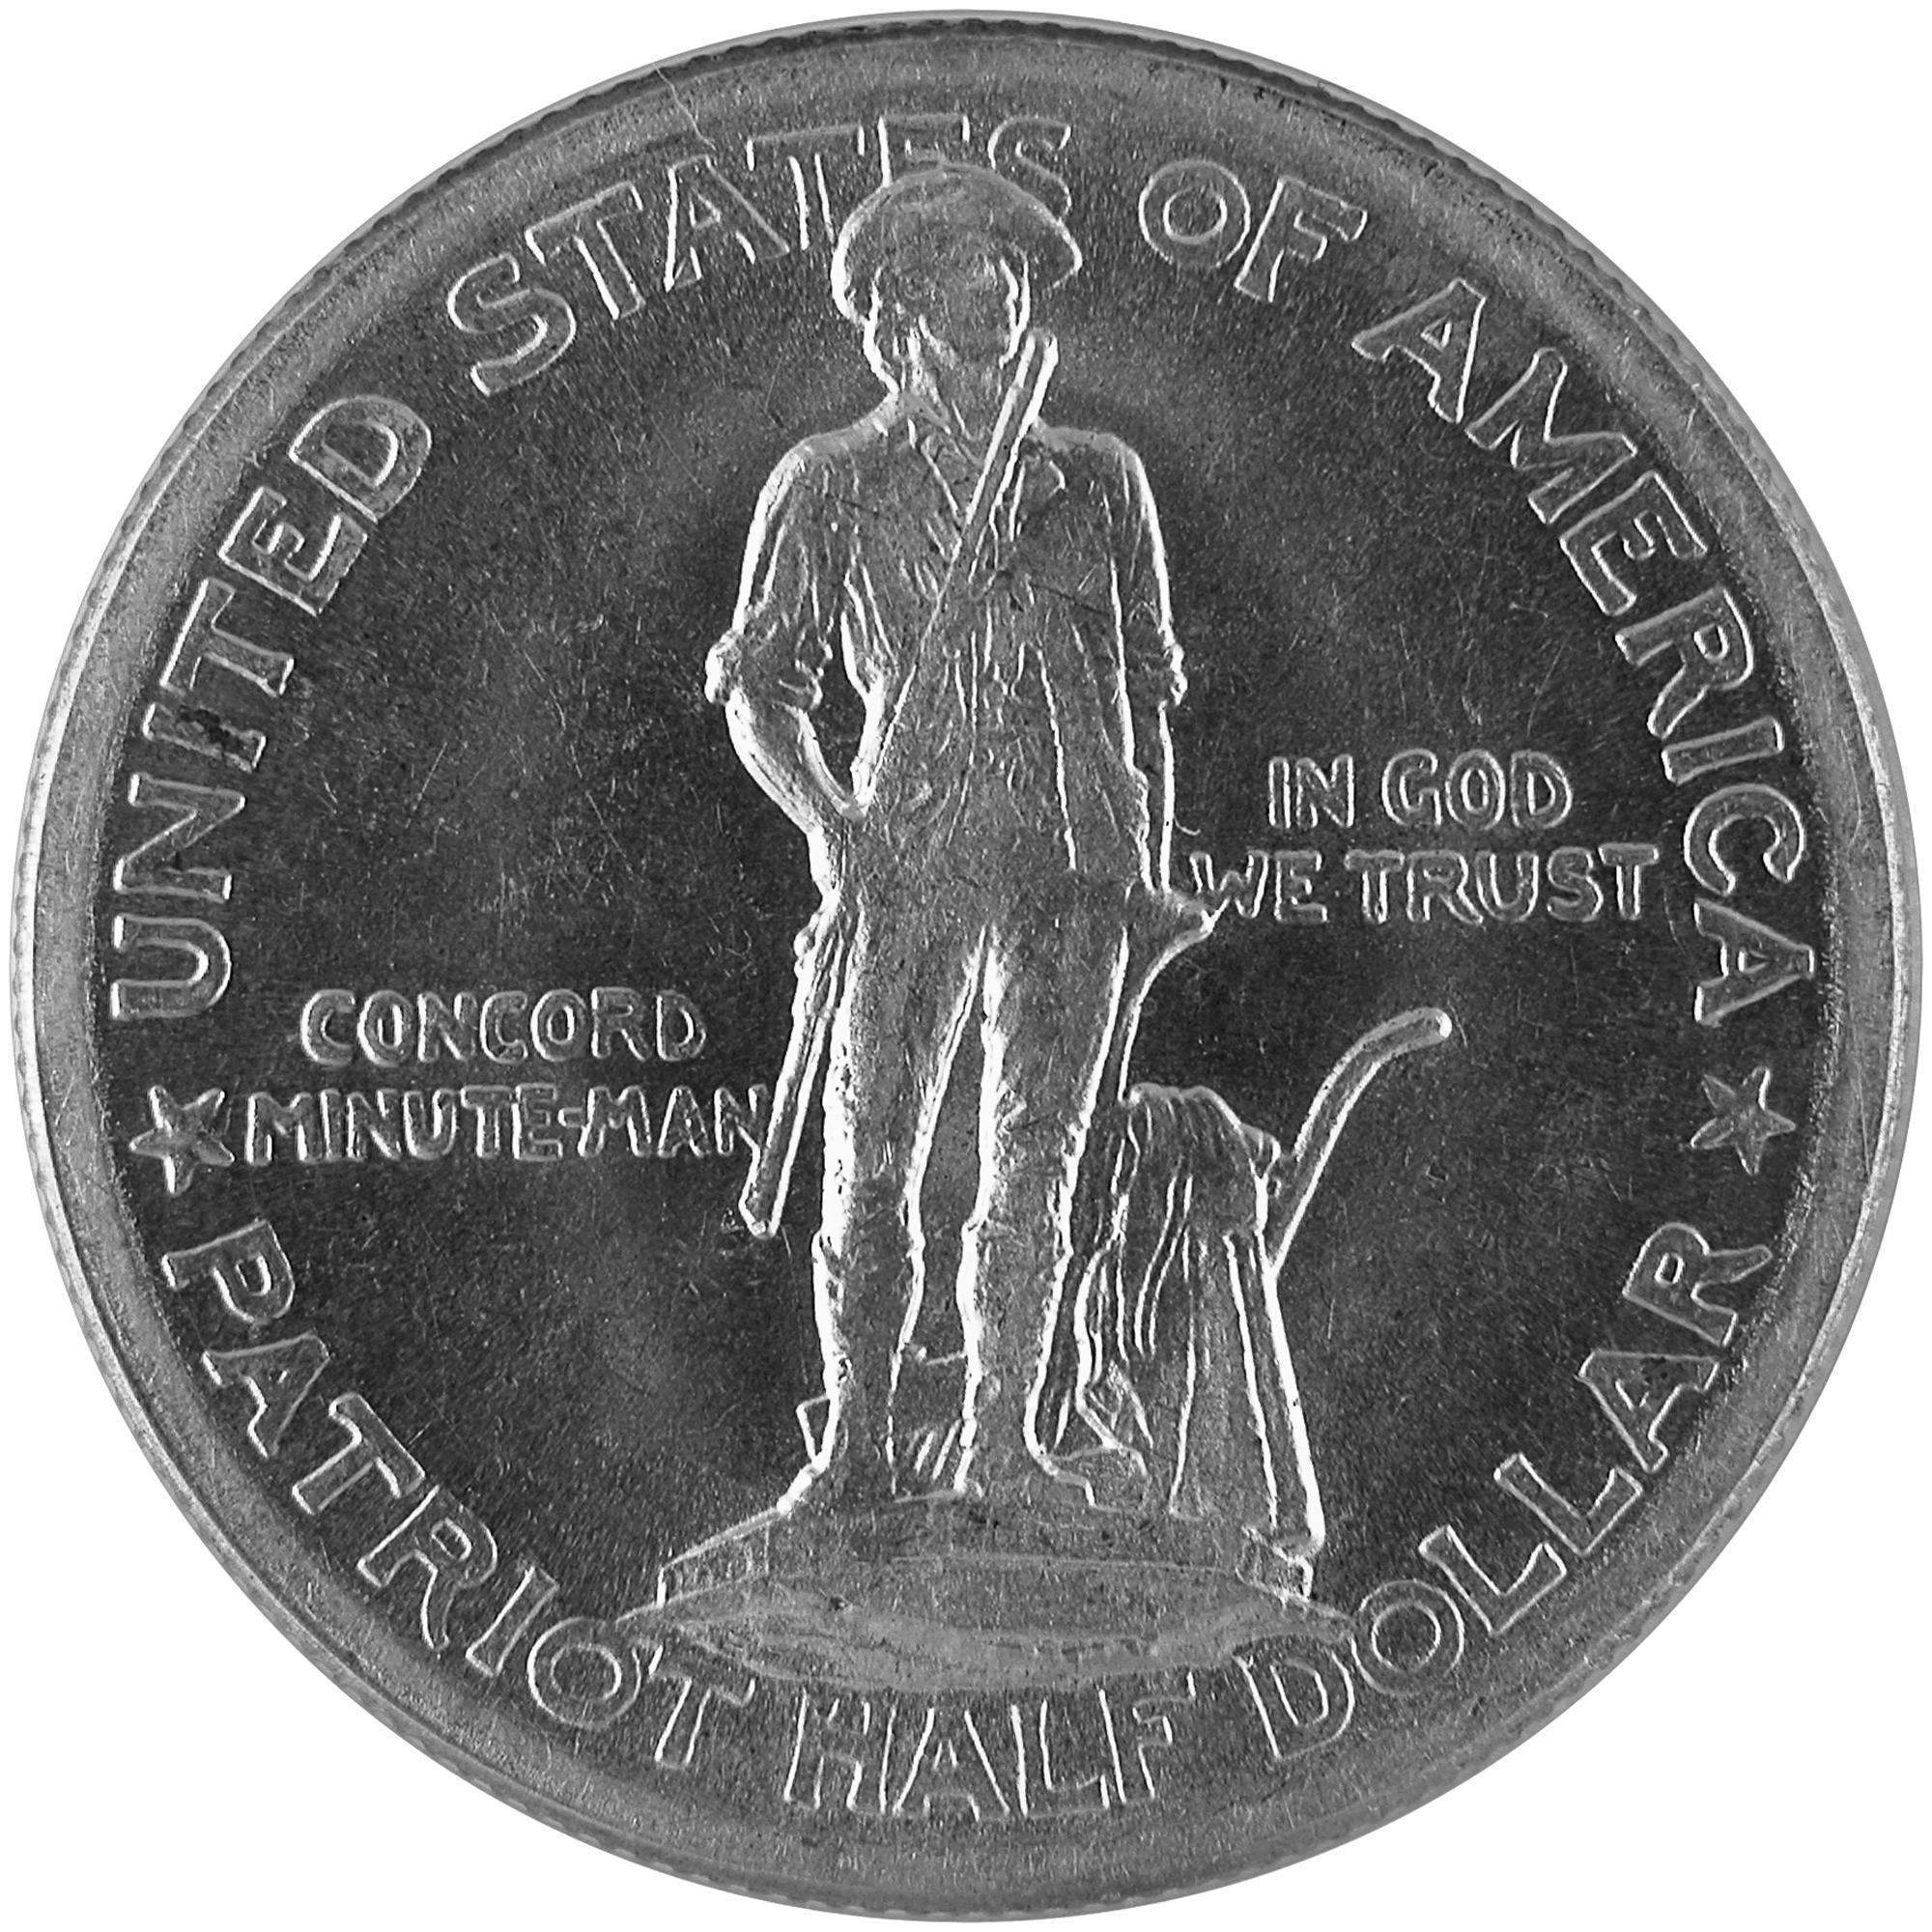 1925 Lexington Concord Sesquicentennial Commemorative Silver Half Dollar Coin Obverse